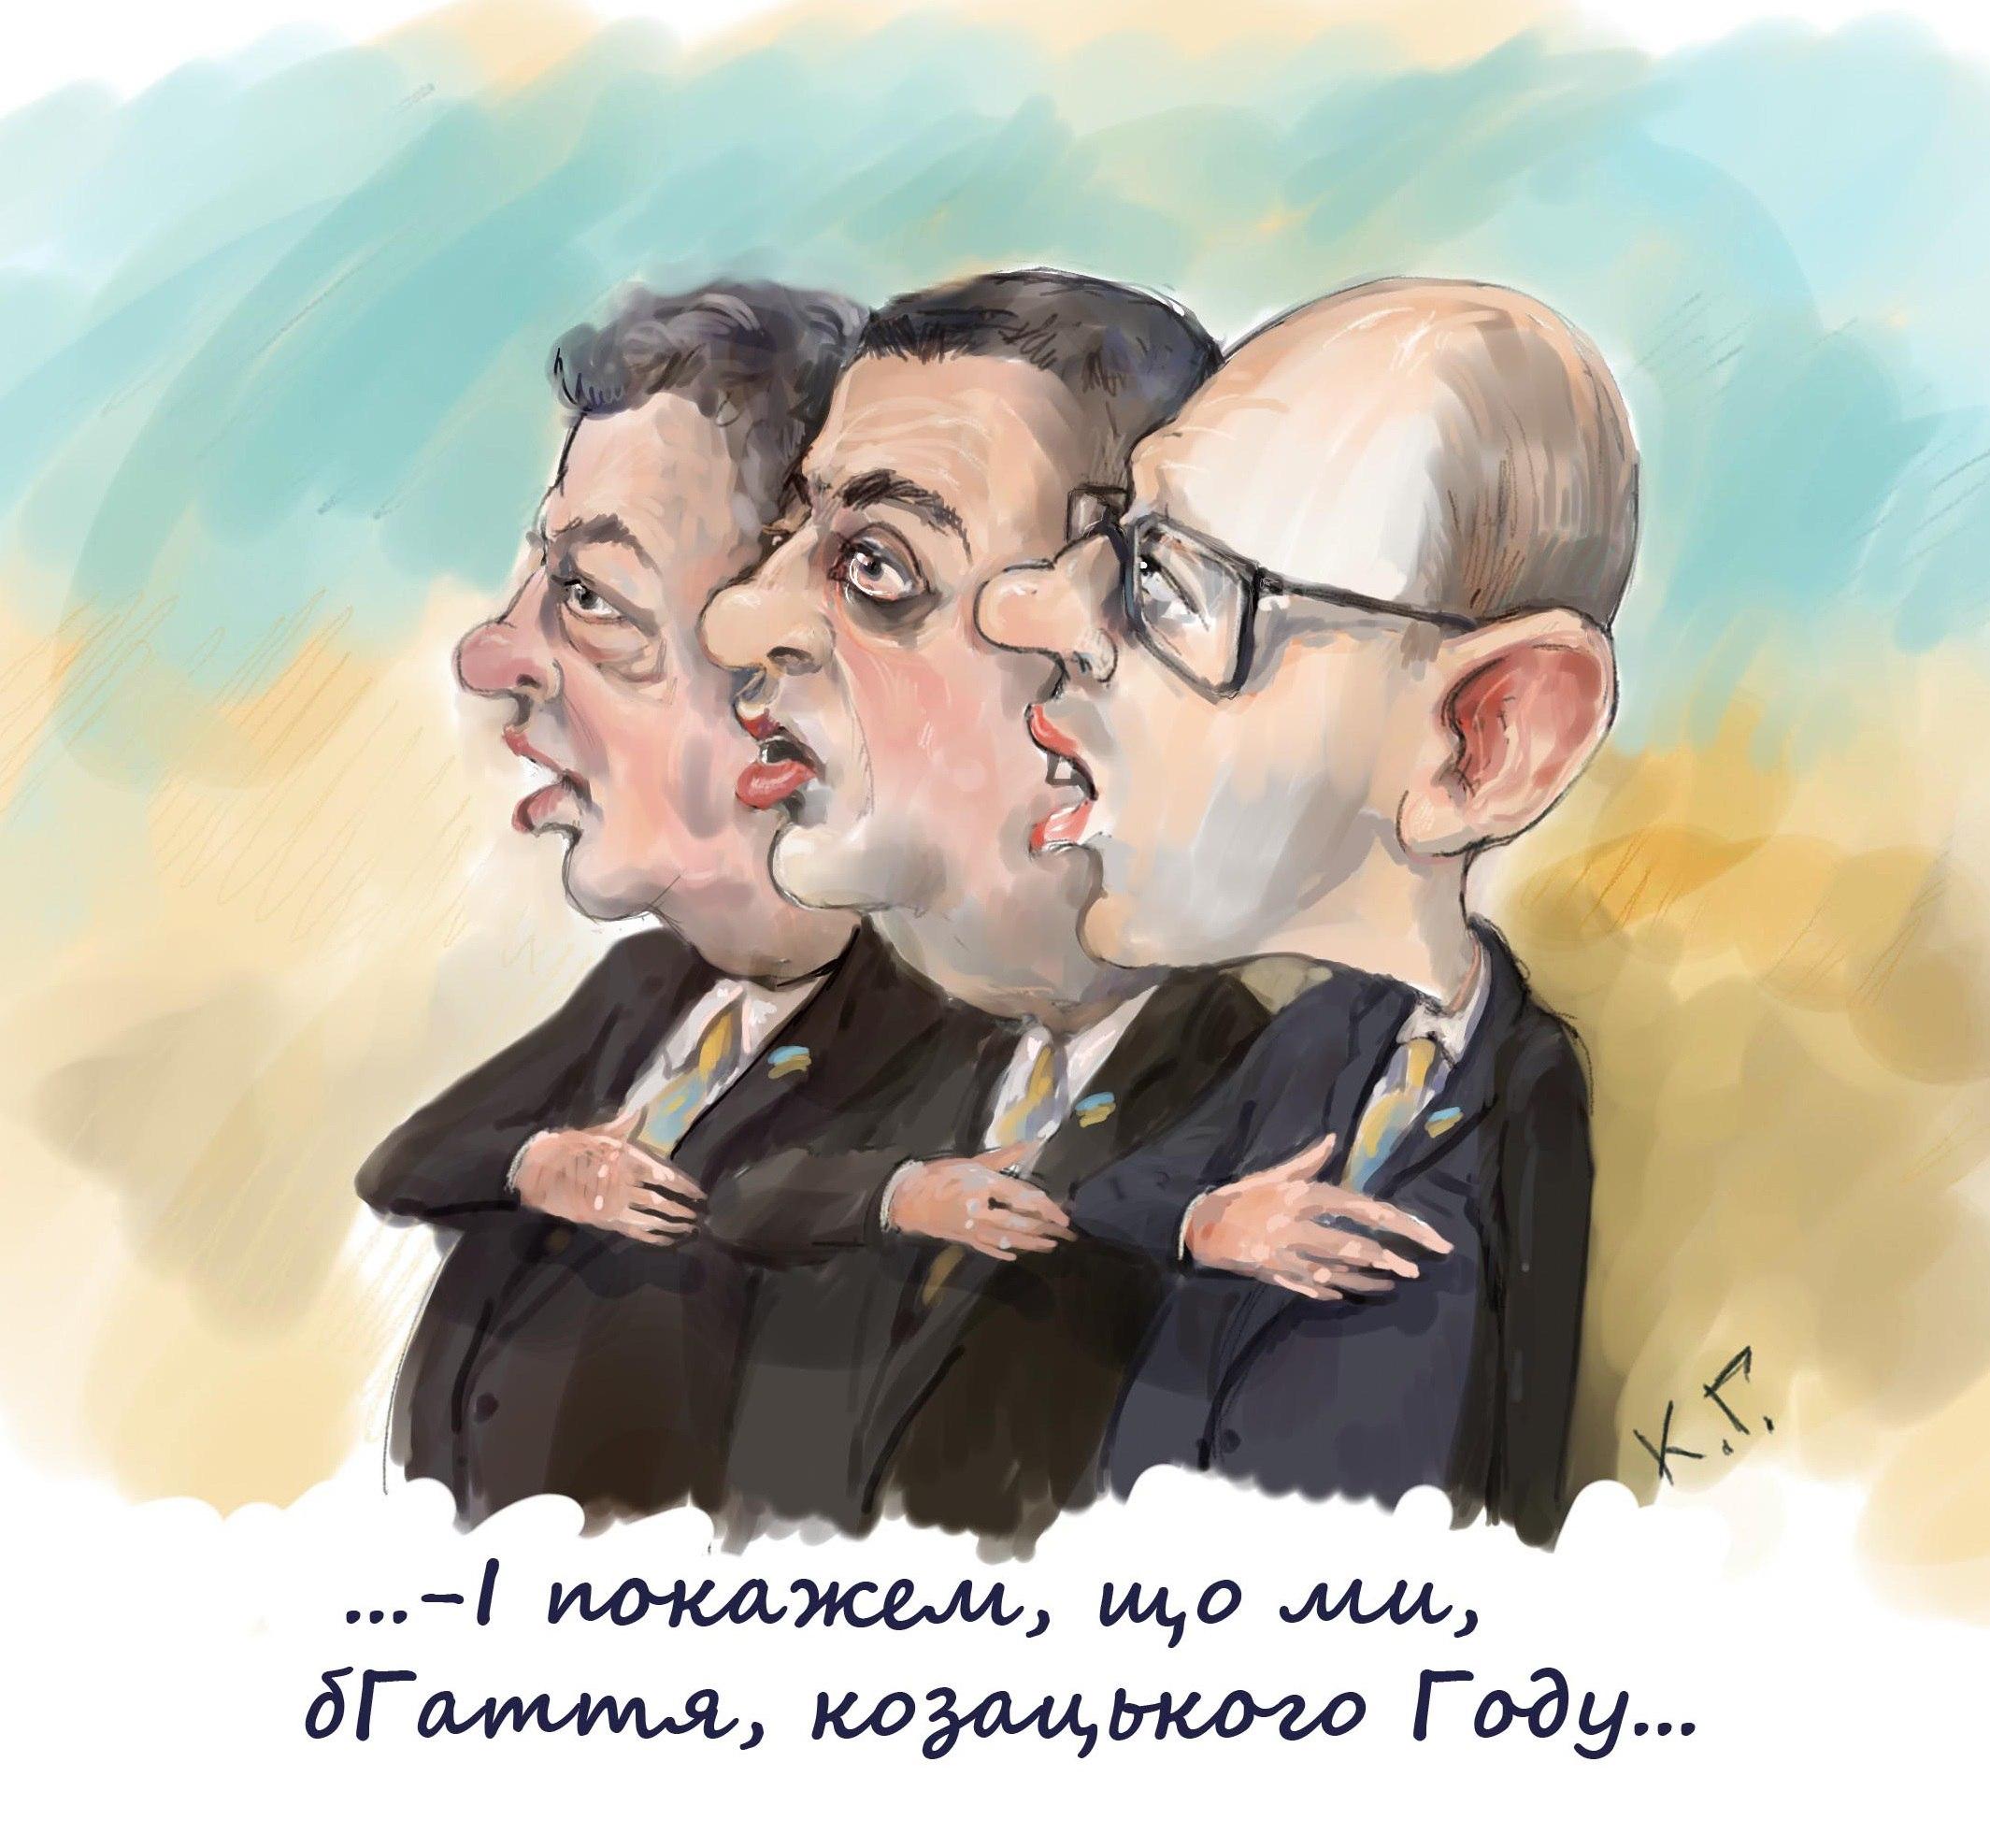 """В Генпрокуратуре заявили, что Парасюк проигнорировал вызов на допрос: """"Он отключил телефоны и не выходит на связь"""" - Цензор.НЕТ 5978"""